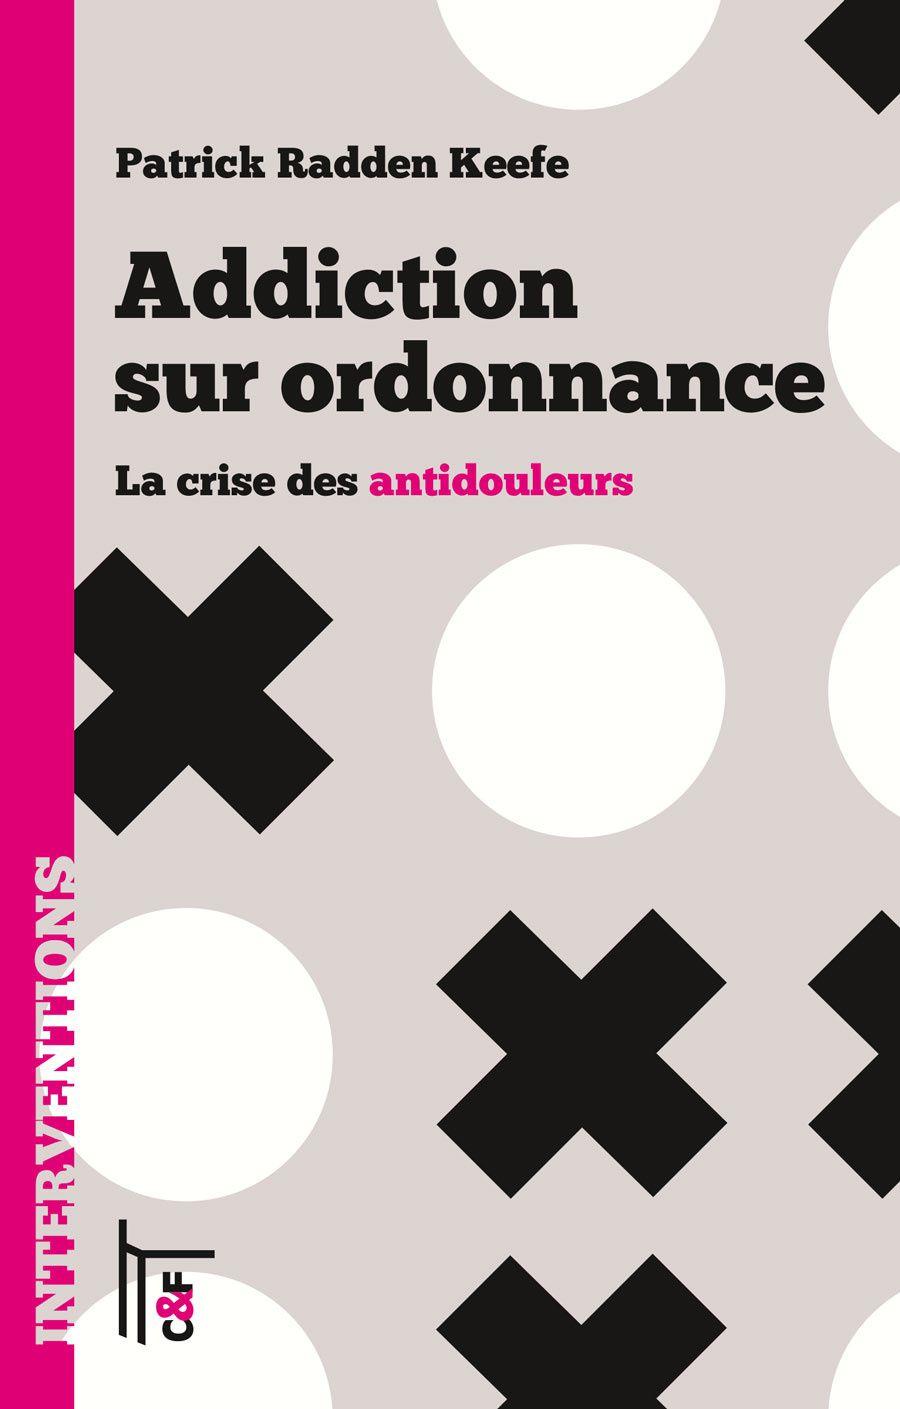 Addiction sur ordonnance, la crise des antidouleurs, de Patrick Radden Keefe, C&F éditions